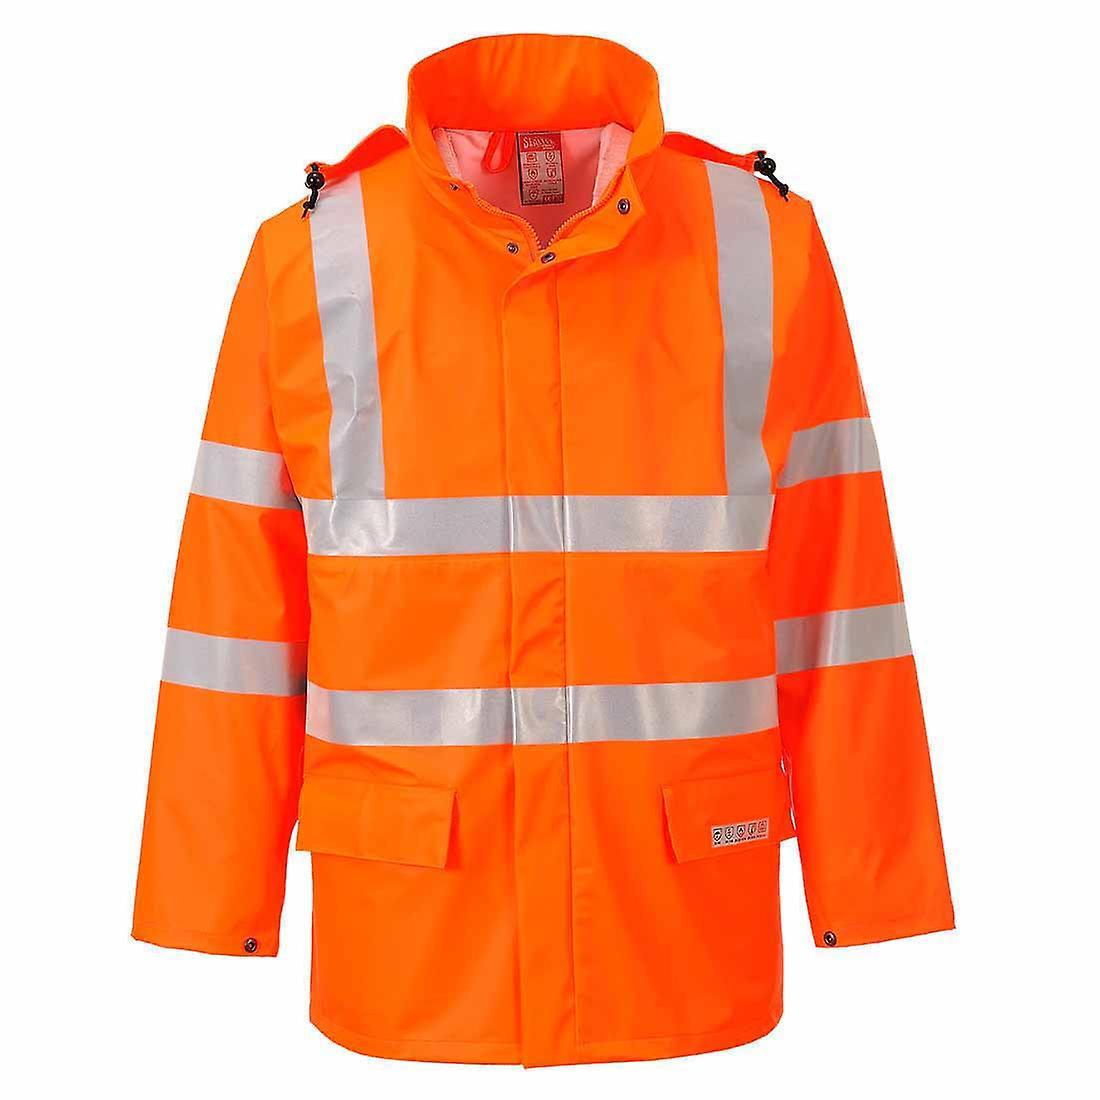 SUw - Sealtex Flame Resistant Safety vêtehommests de travail Hi-Vis imperméable veste